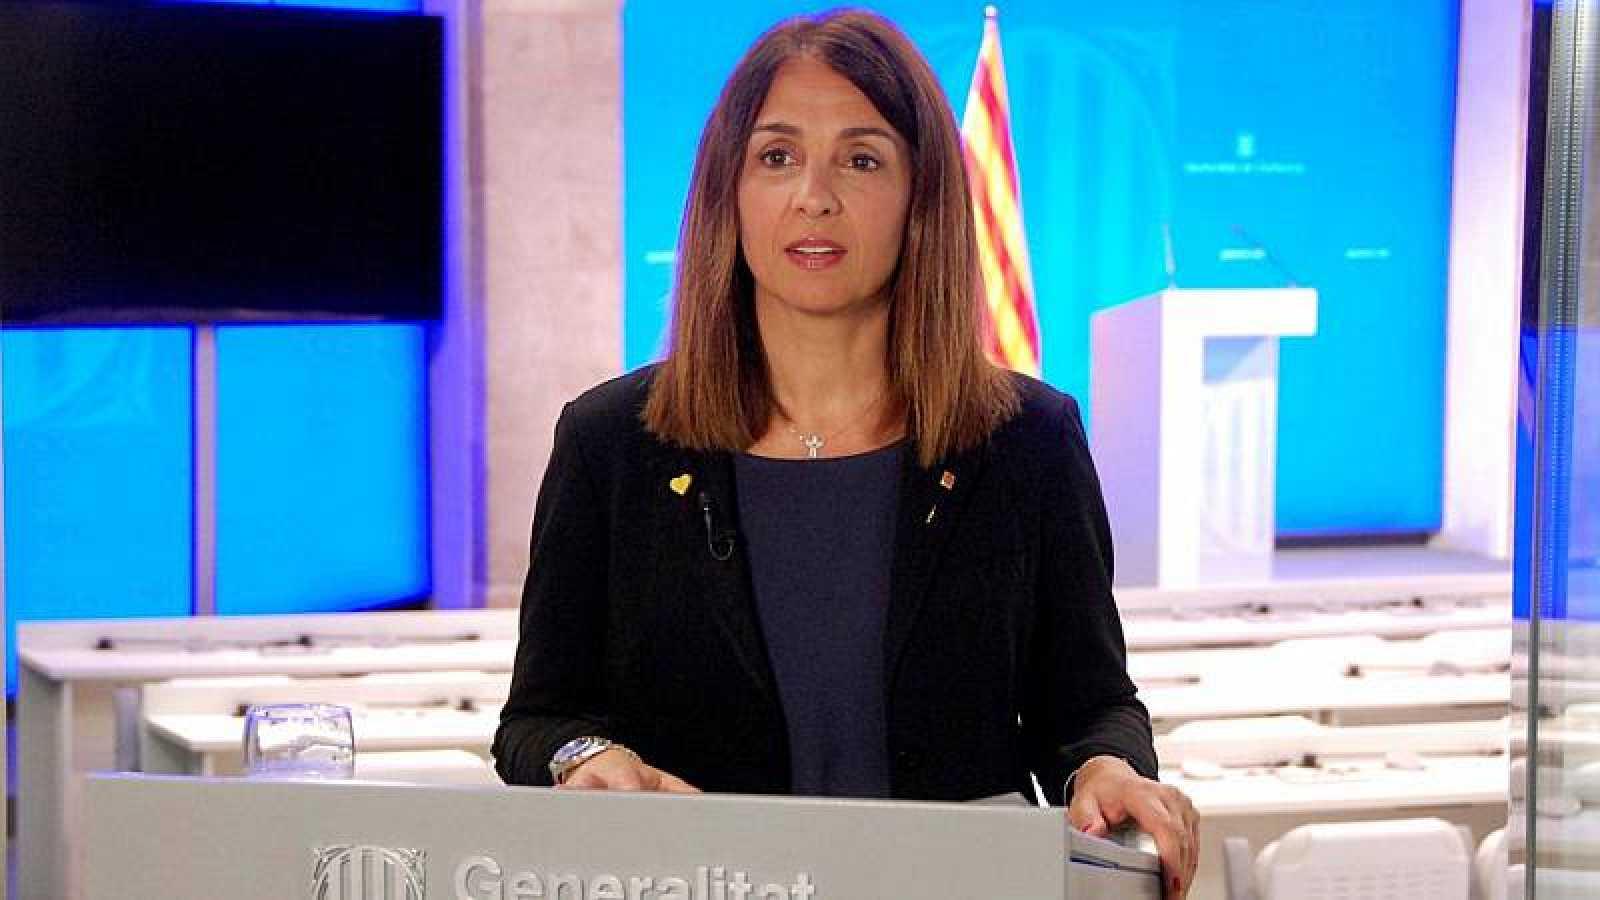 Edició Vespre - La Generalitat prorroga 7 dies més les mesures de confinament per frenar l'expansió de la pandèmia